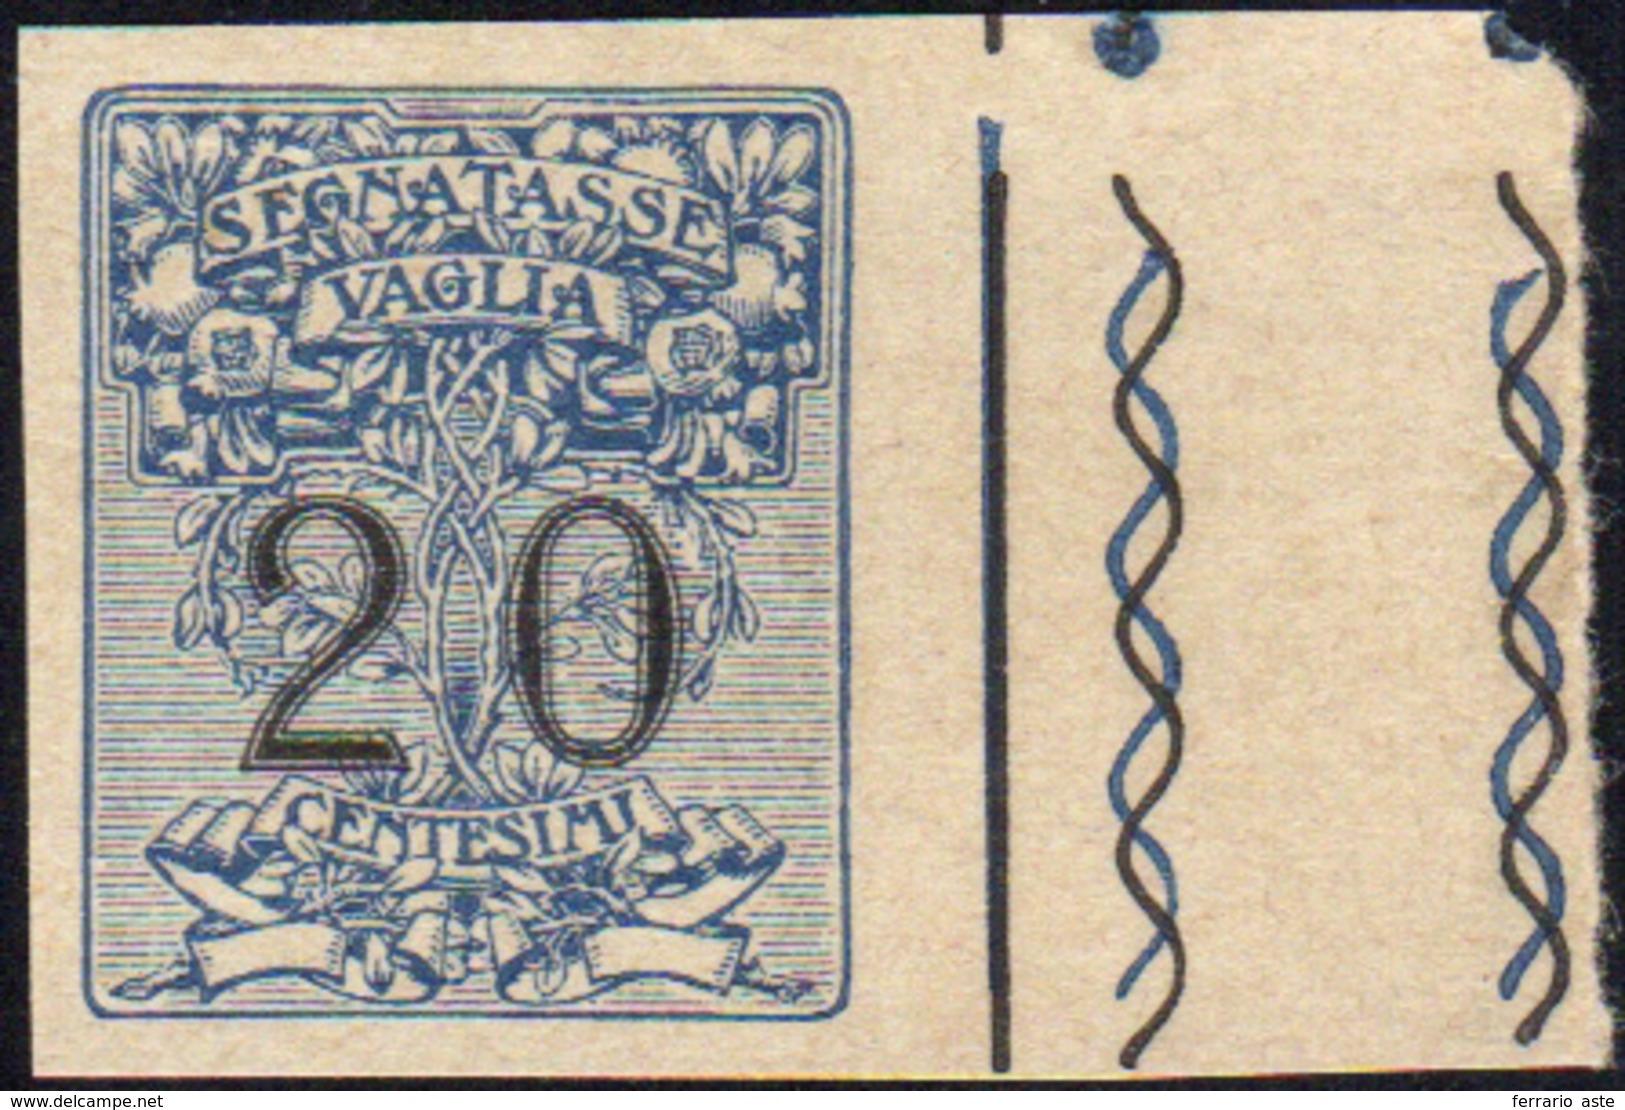 1322 1924 - 20 Cent. Segnatasse Vaglia (1), Prova Di Macchina Non Dentellata Su Carta Grigiastra, Bordo D... - Unclassified